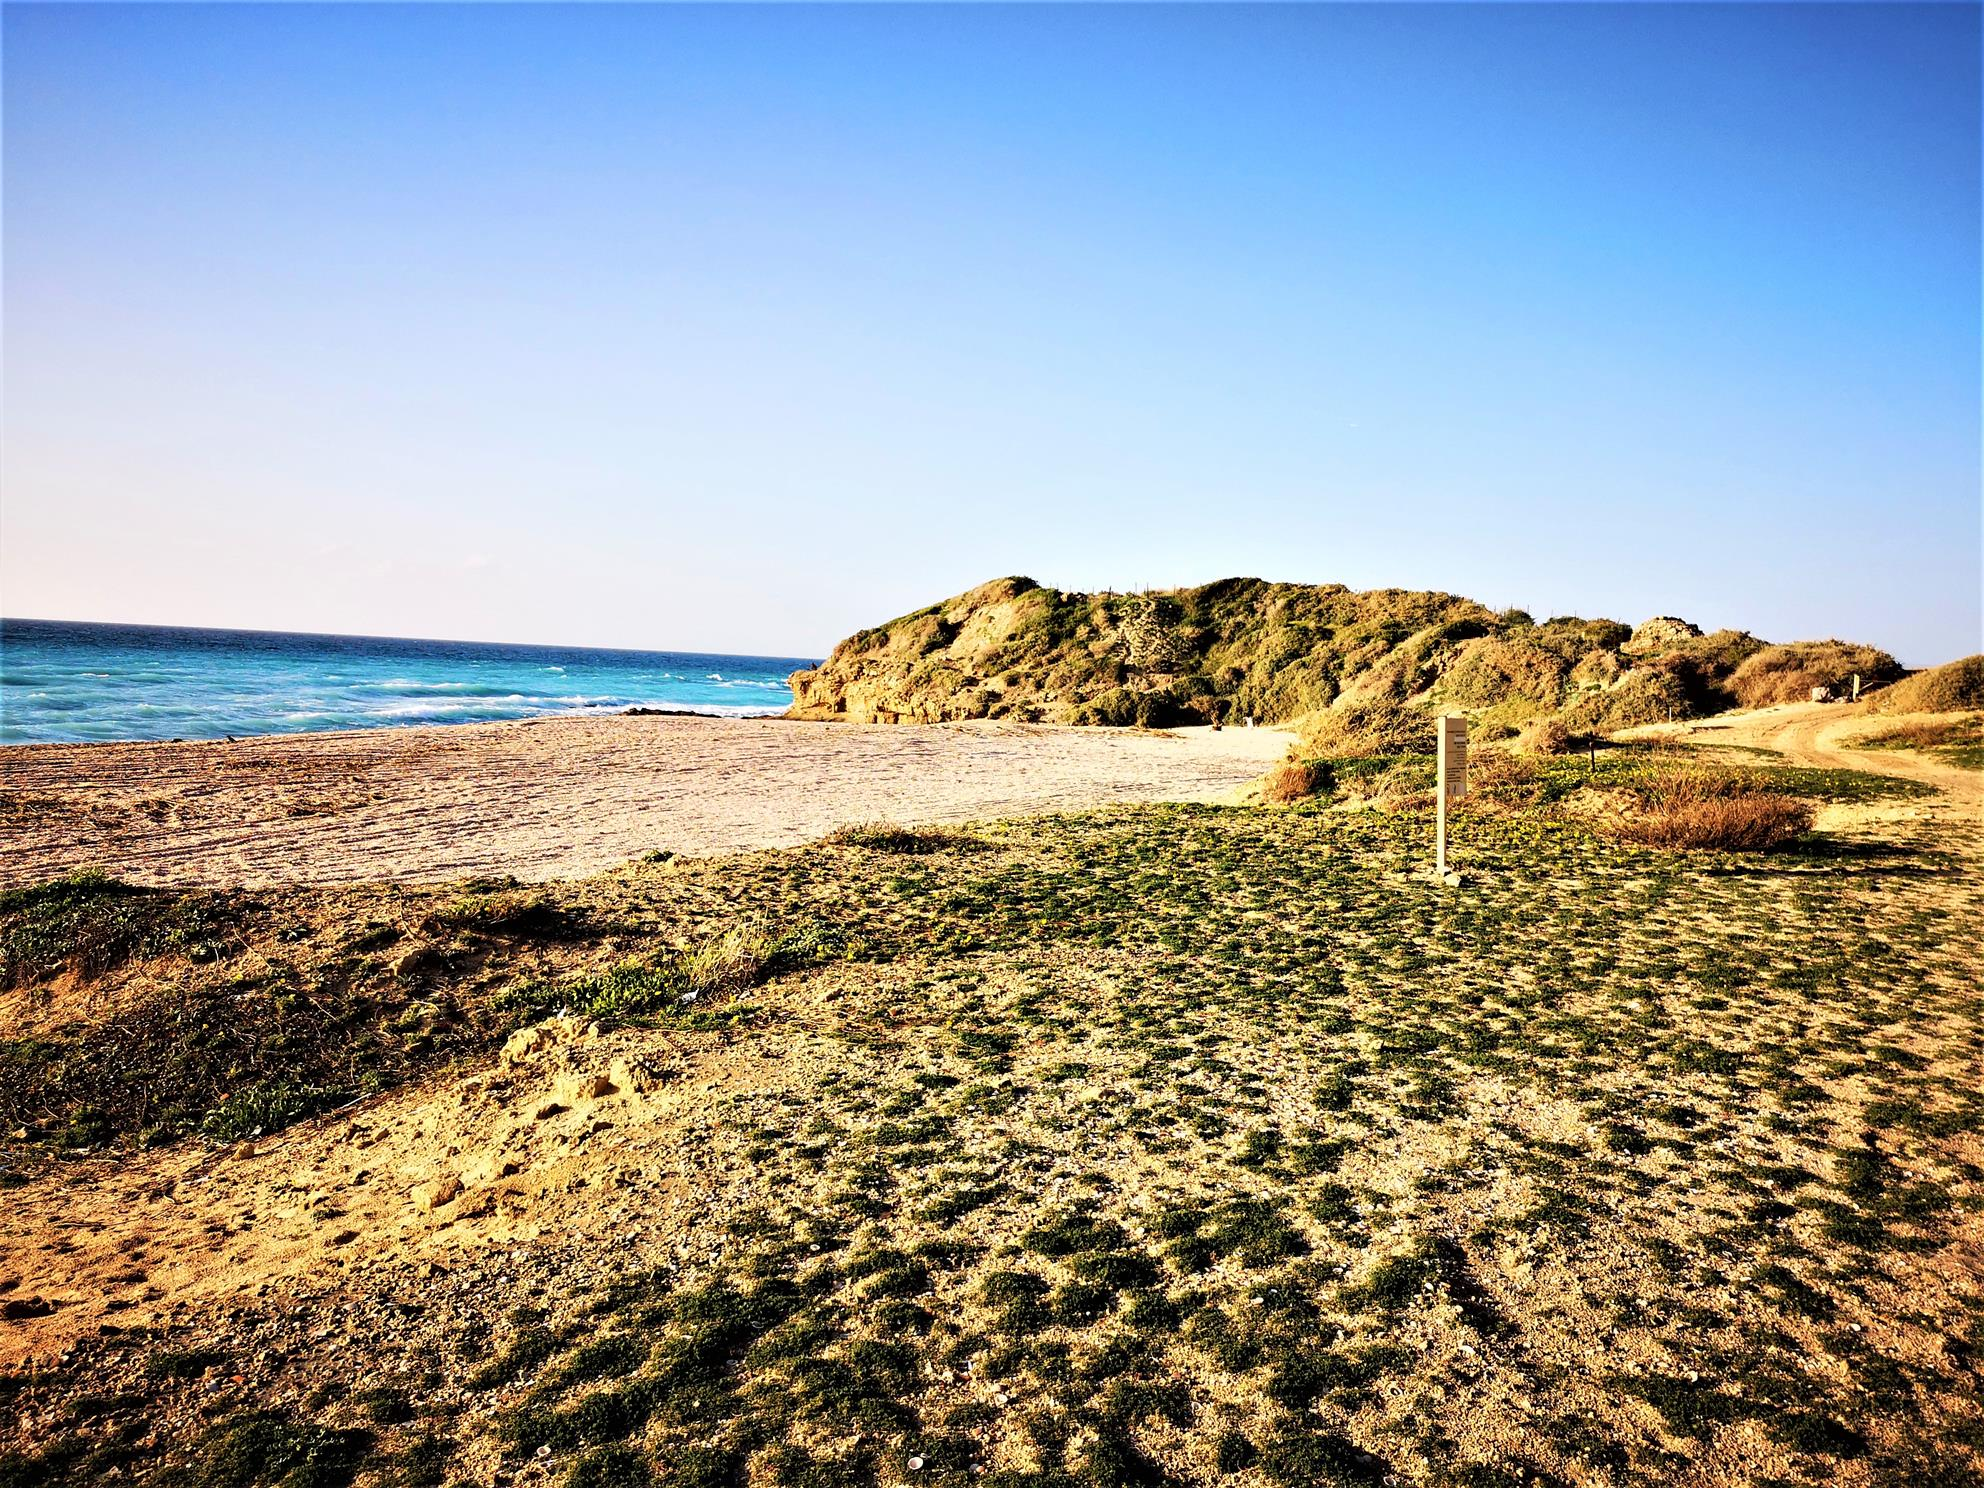 """שמורת טבע גן לאומי חוף פלמחים, יבנה ים (ד""""ר ענת אביטל)"""